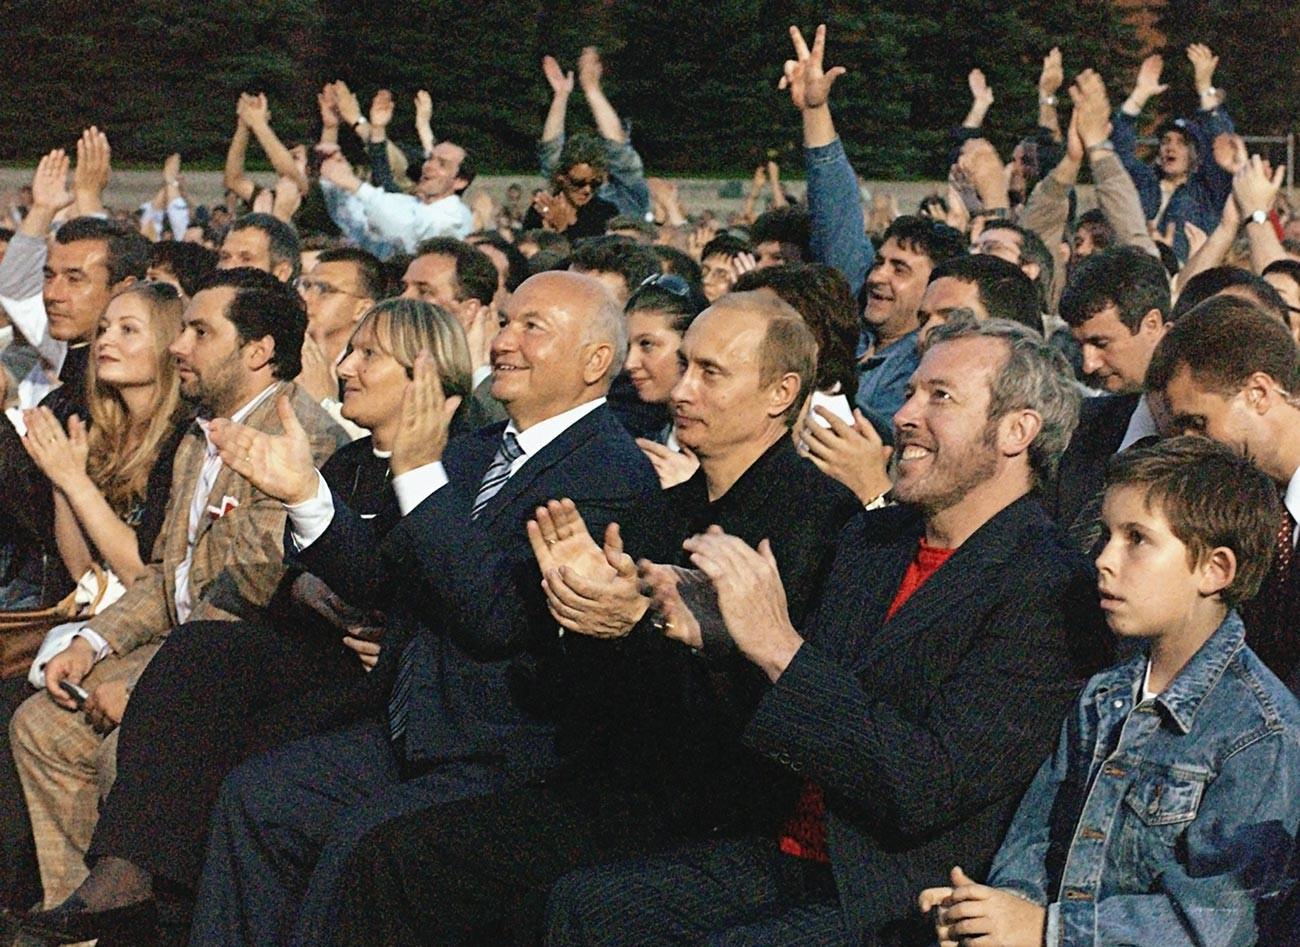 Руският президент Владимир Путин (в средата), кметът на Москва Юрий Лужков (вляво) и известният руски музикант Андрей Макаревич (вдясно) по време на концерт на легендарния певец и композитор.